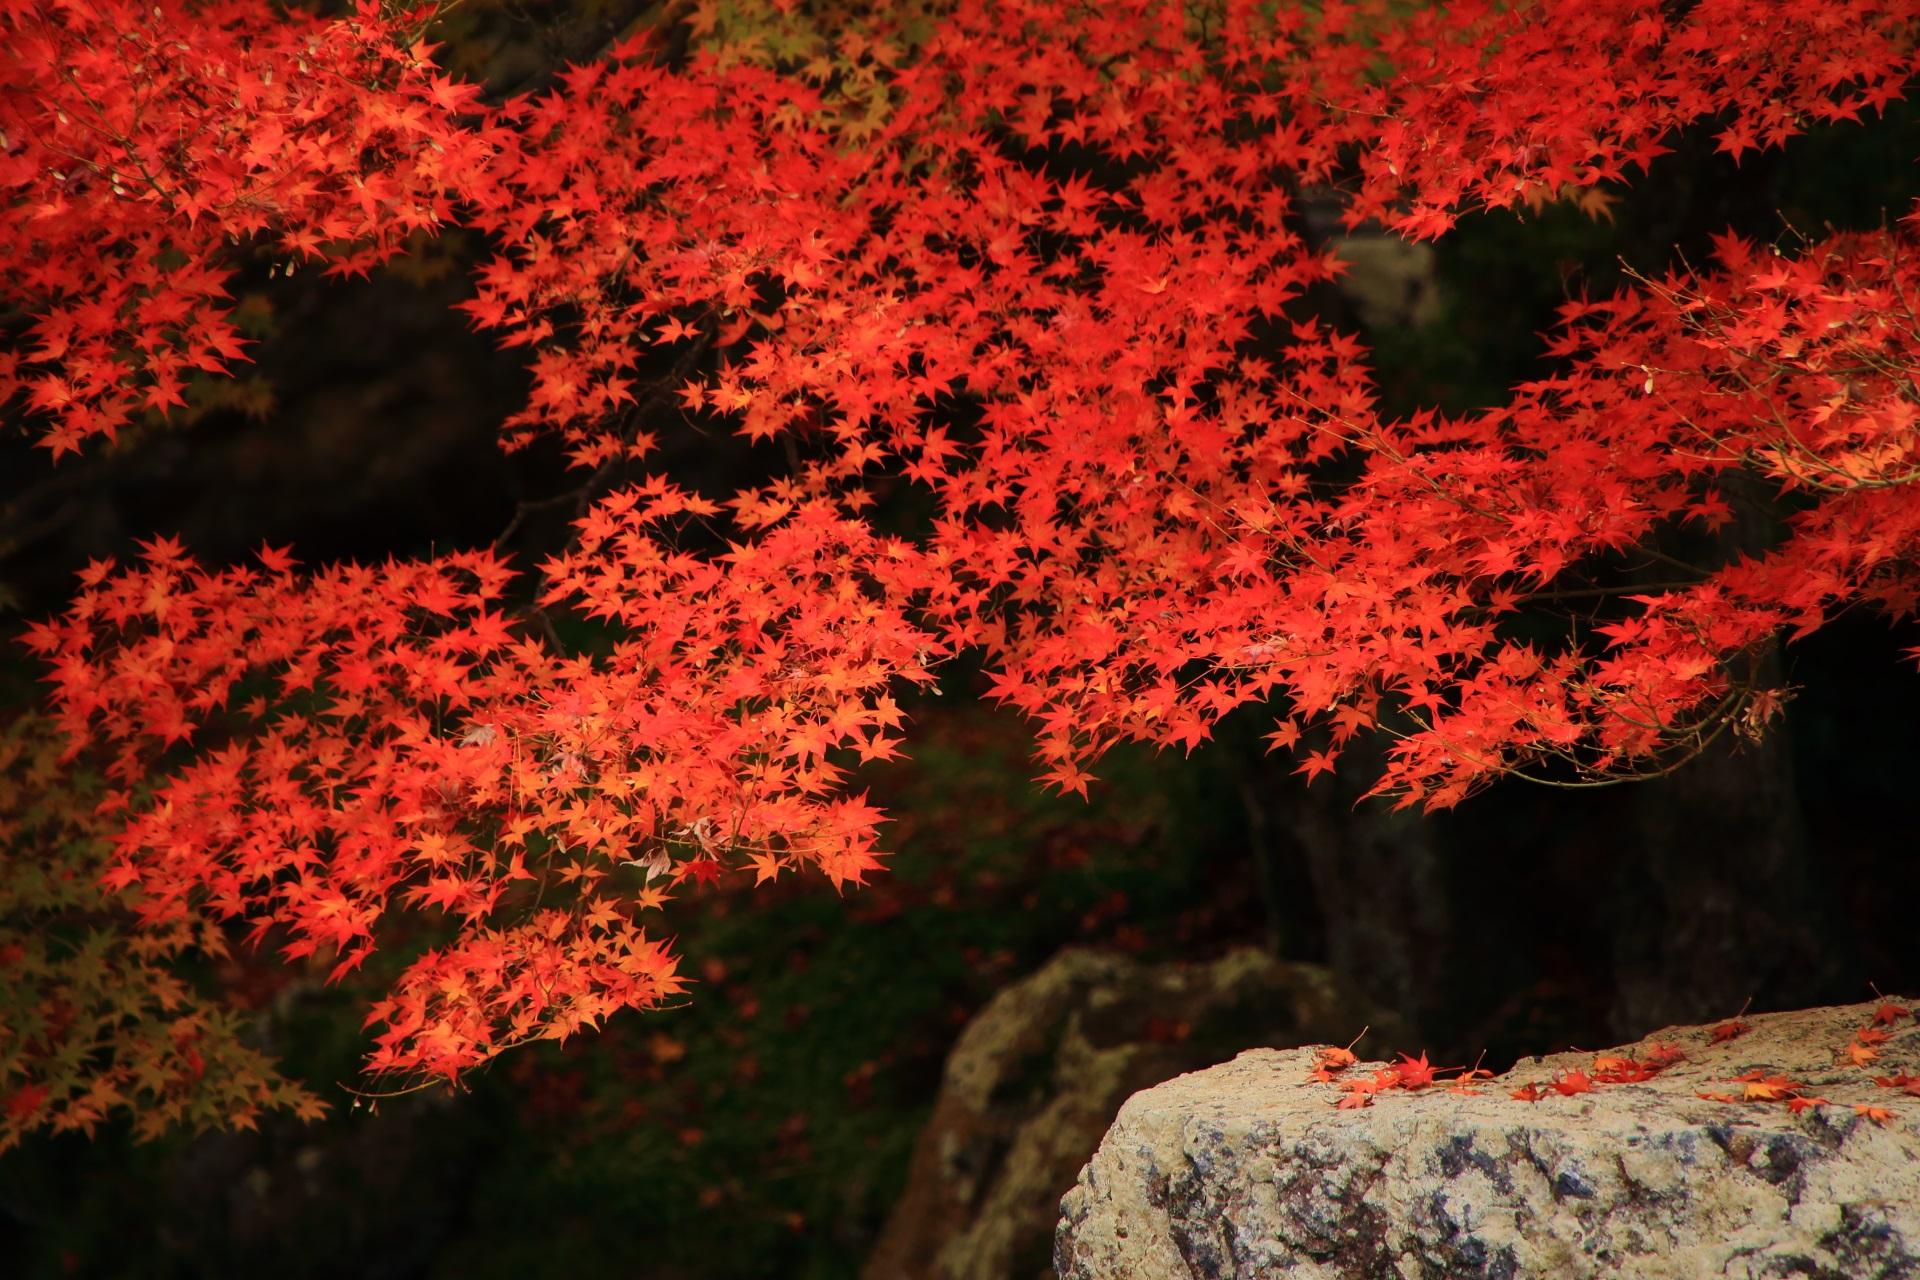 浮かび上がる色鮮やかな紅葉